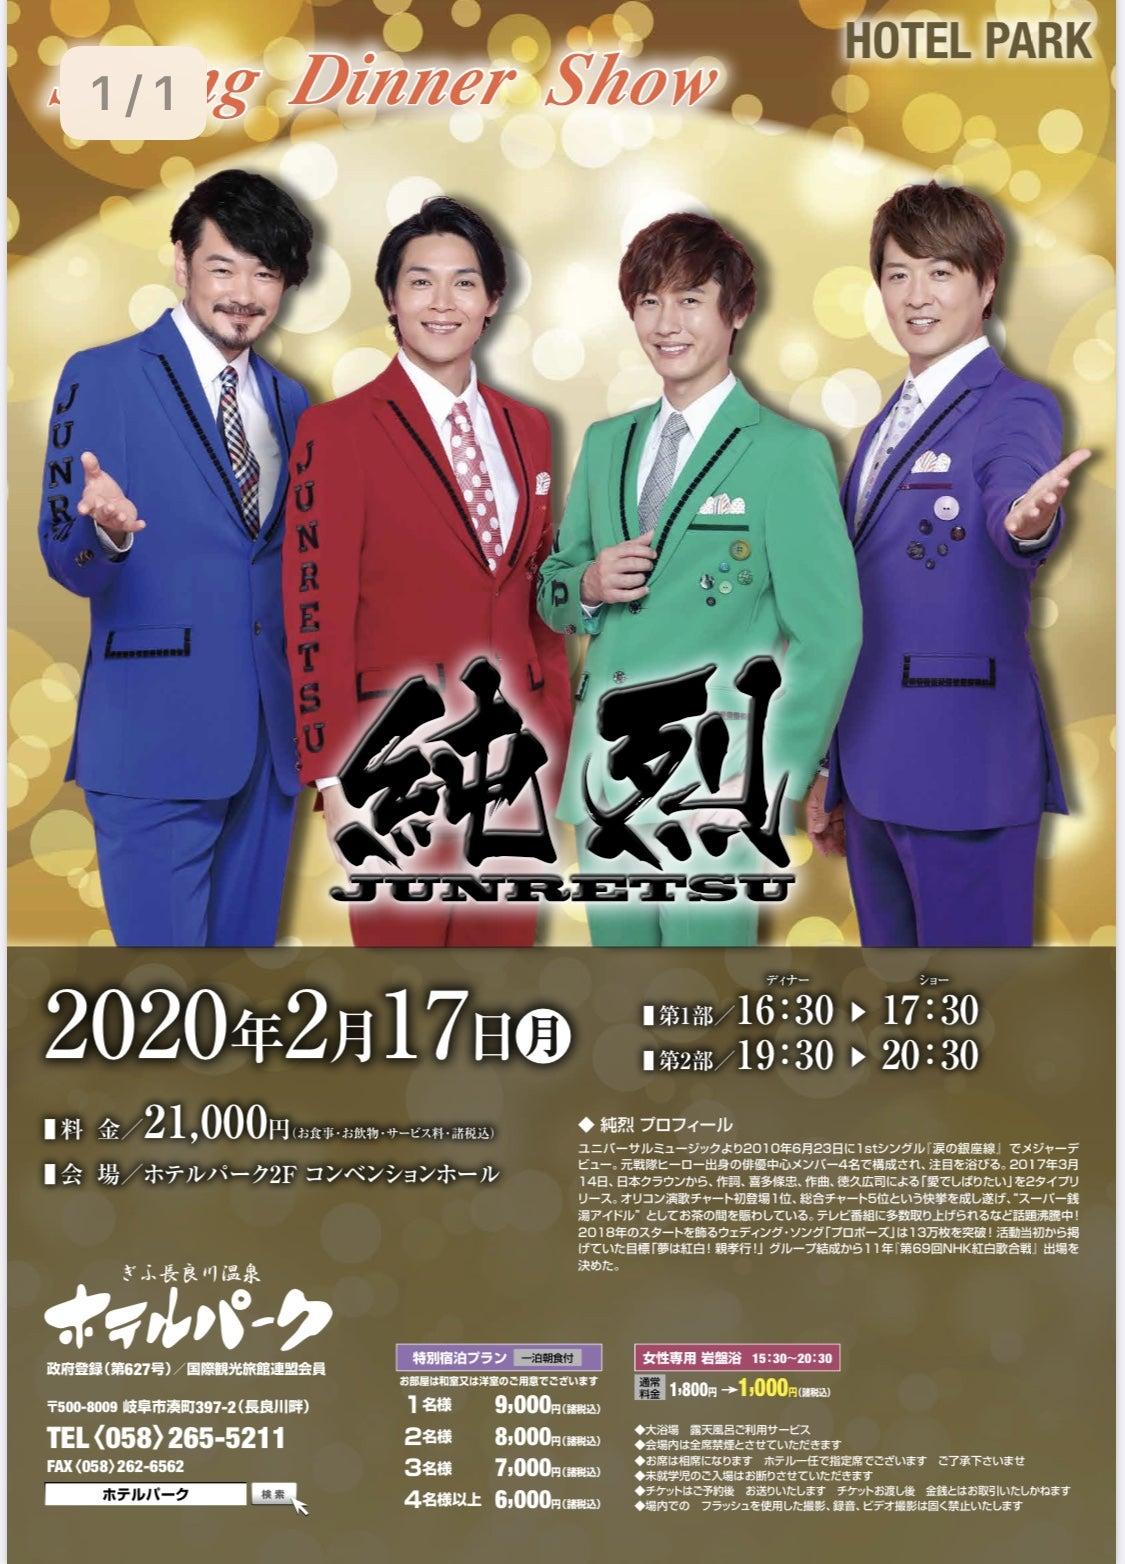 2/17 長良川ホテルパークディナーショーの記事より